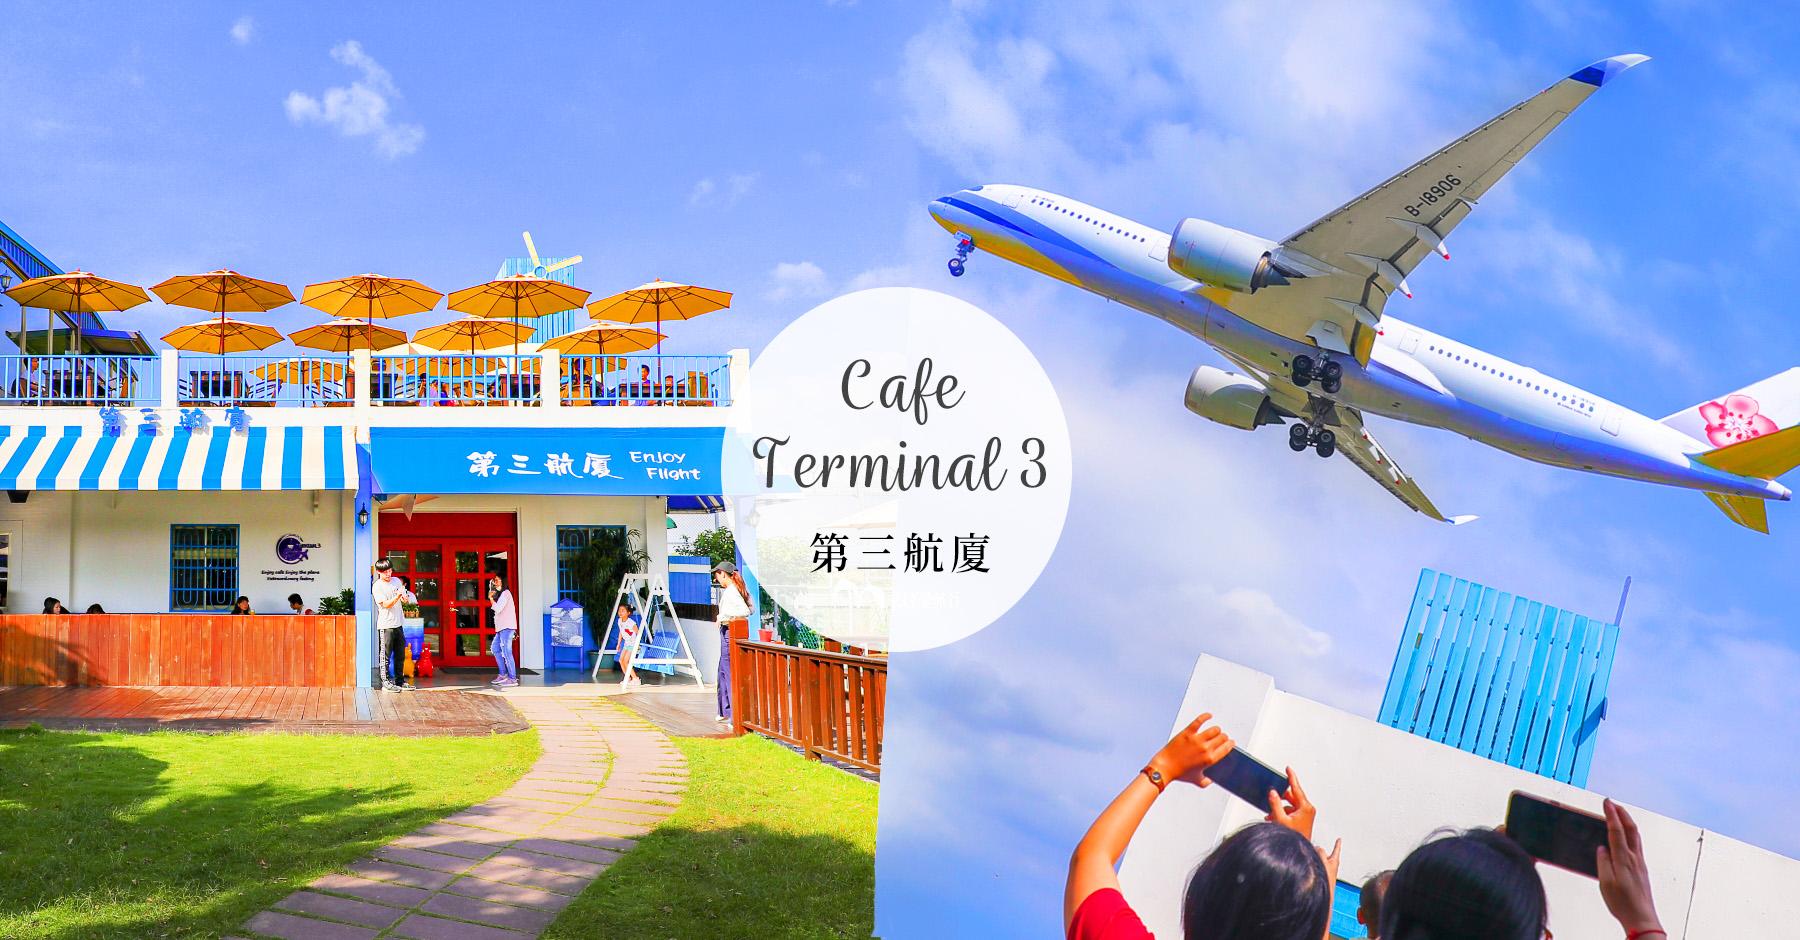 超近距離看飛機喝咖啡!桃園第三航廈機場咖啡廳|菜單交通方式怎麼去停車寵物